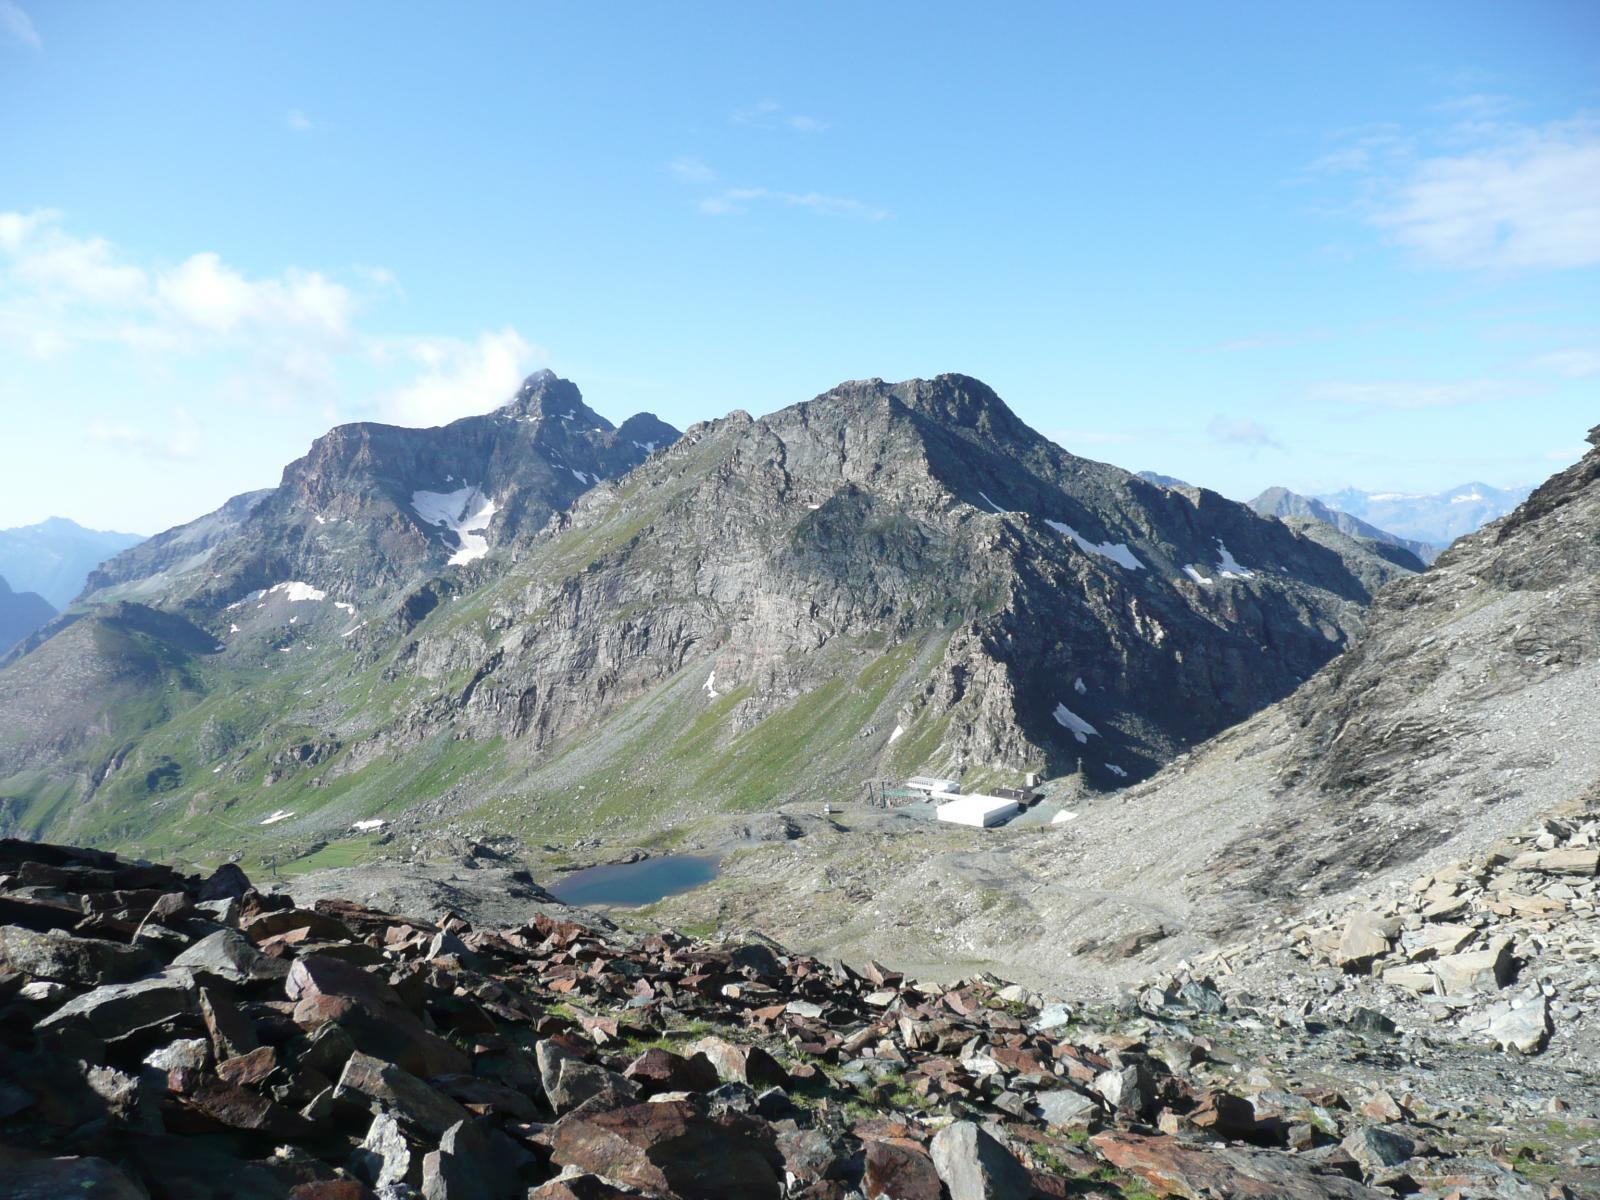 Colle e Monte Bettaforca e sullo sfondo, il Rothorn eclissa parzialmente il Testa Grigia